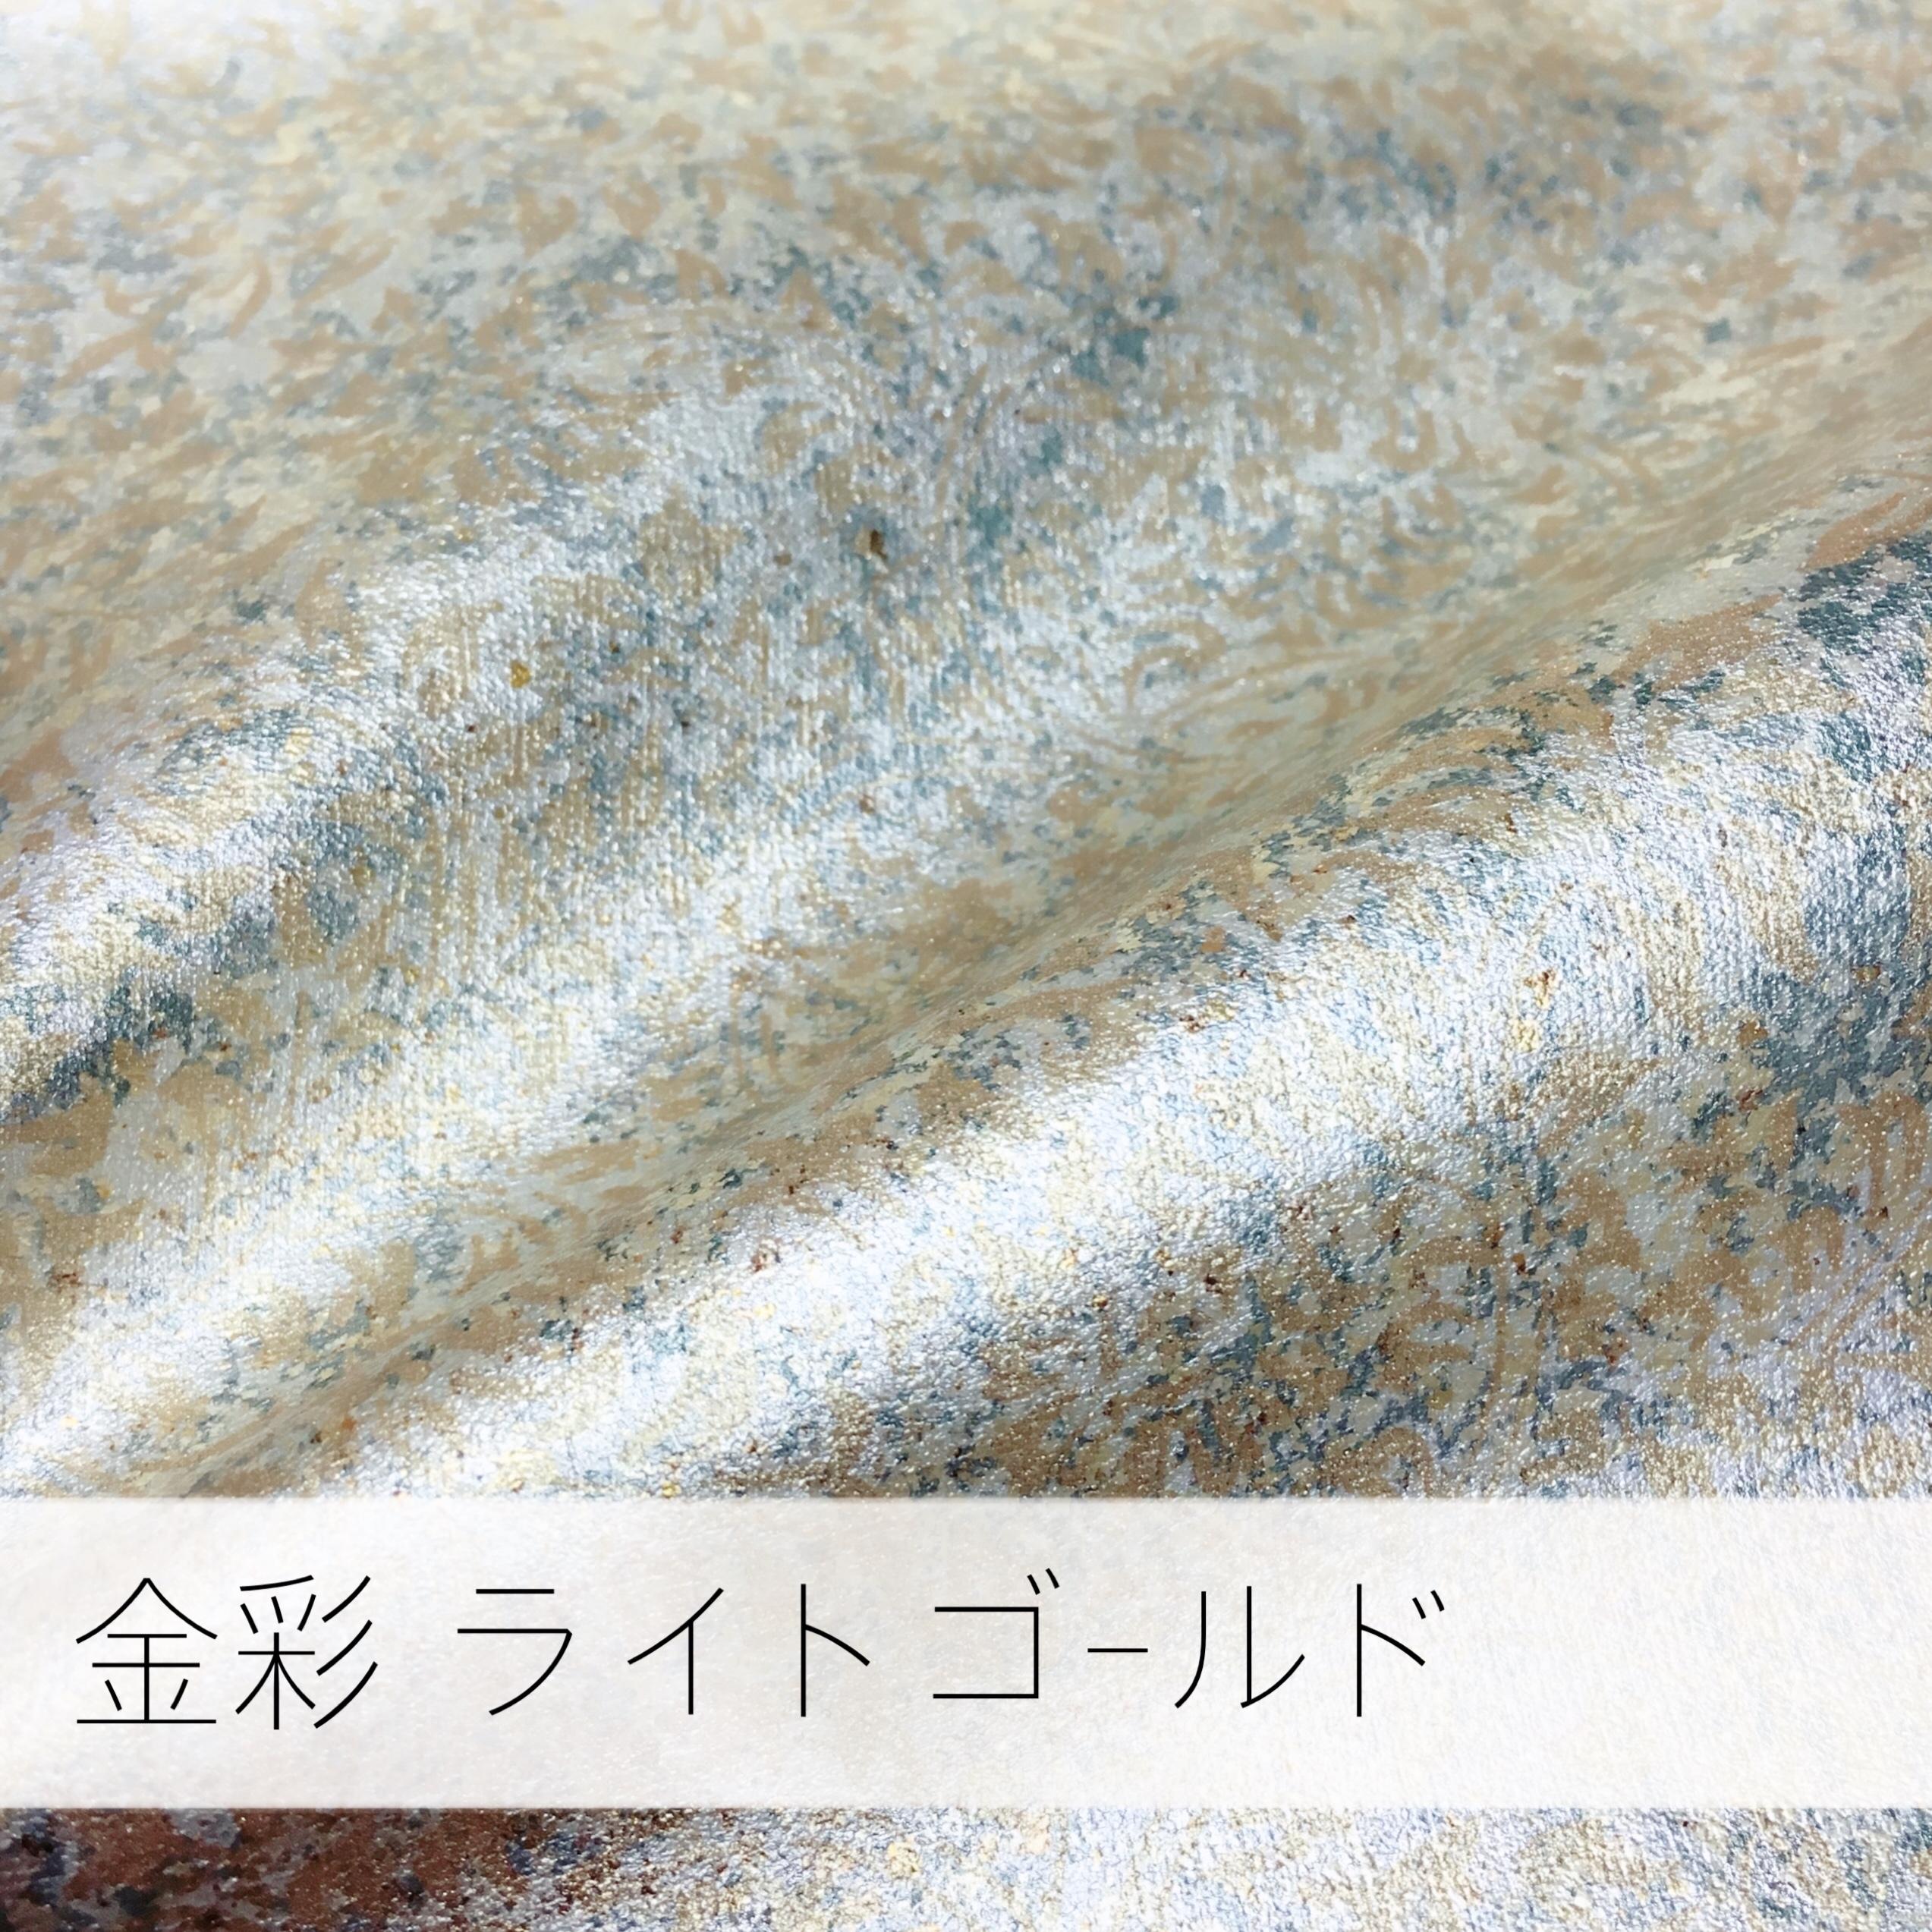 ネックレス(金彩ゴールド/ネコノメ)